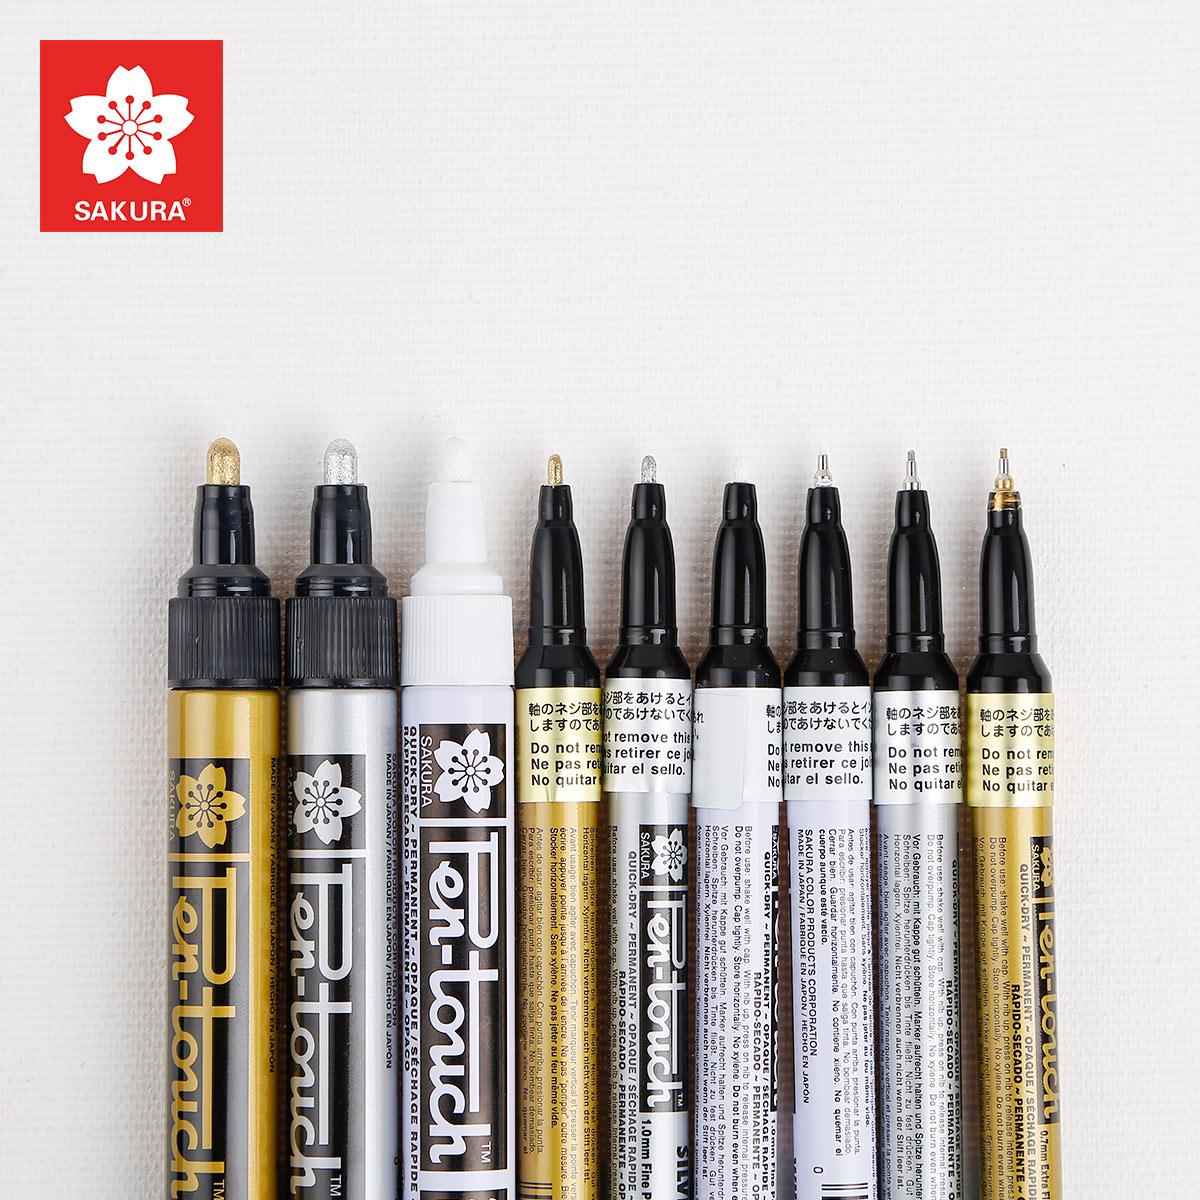 包邮日本樱花sakura 油漆笔高光笔2.0mm签名笔明星签到笔白色金色